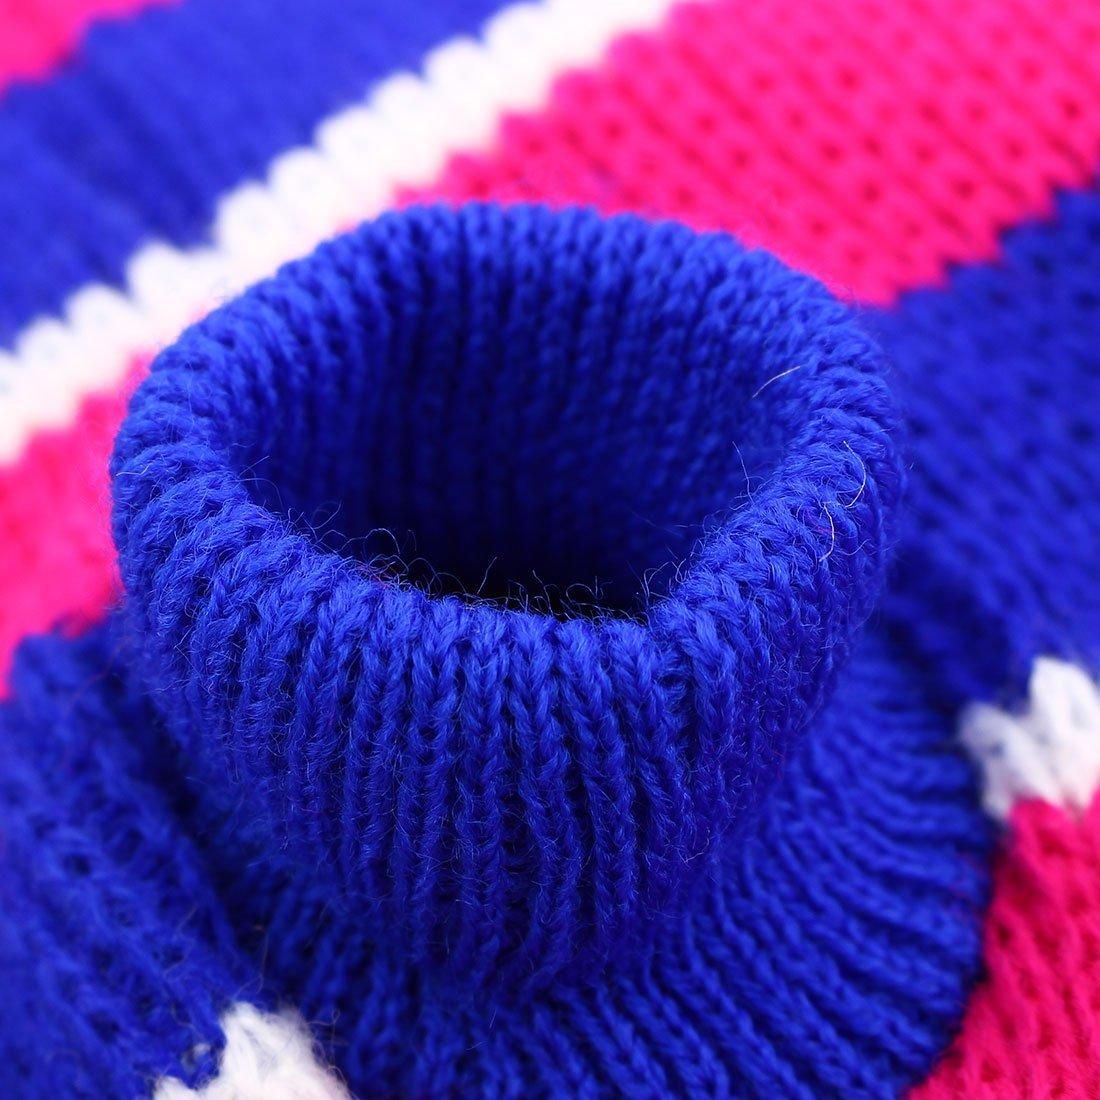 Amazon.com : eDealMax Patrón Raya de Lana Para mascotas de peluche de Punto de invierno Falda Caliente de la capa del suéter de la Chaqueta de ropa de la ...